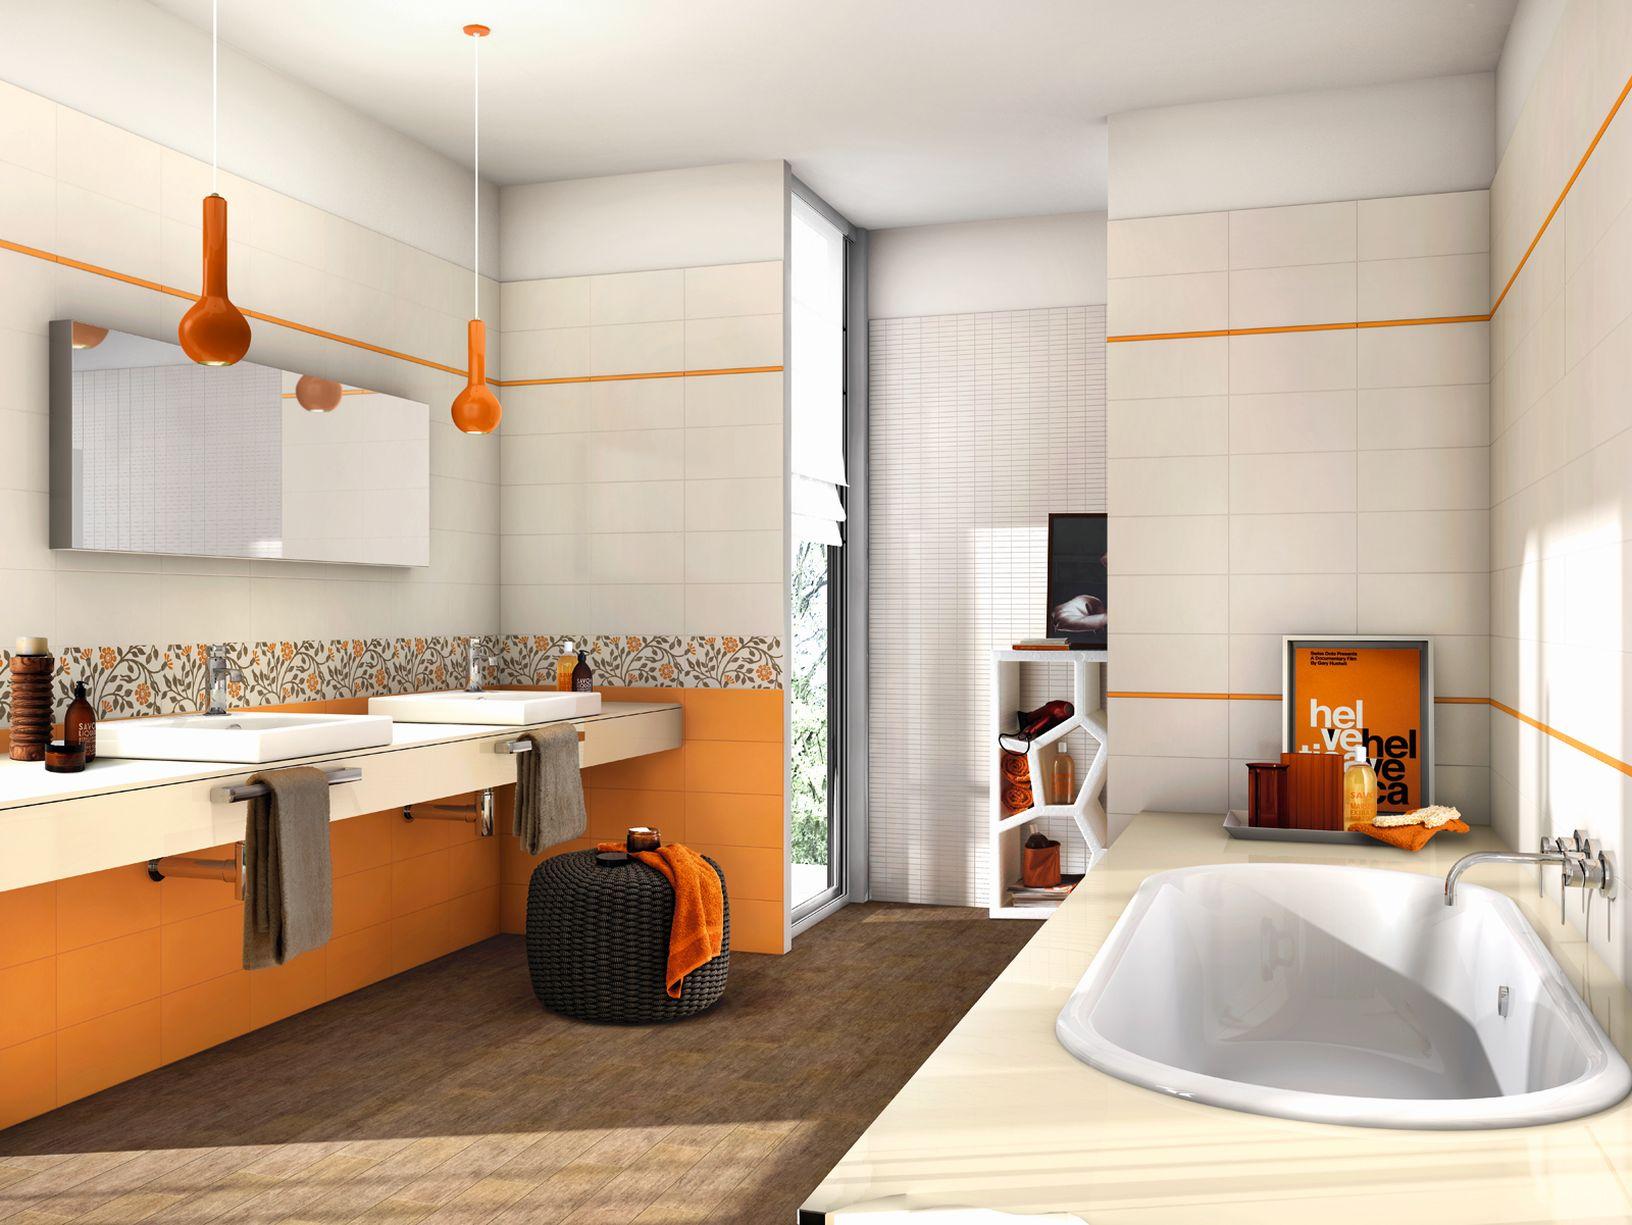 Piastrelle Arancioni Per Bagno mosaico opus vitreum luminose arancio casa del bagno a